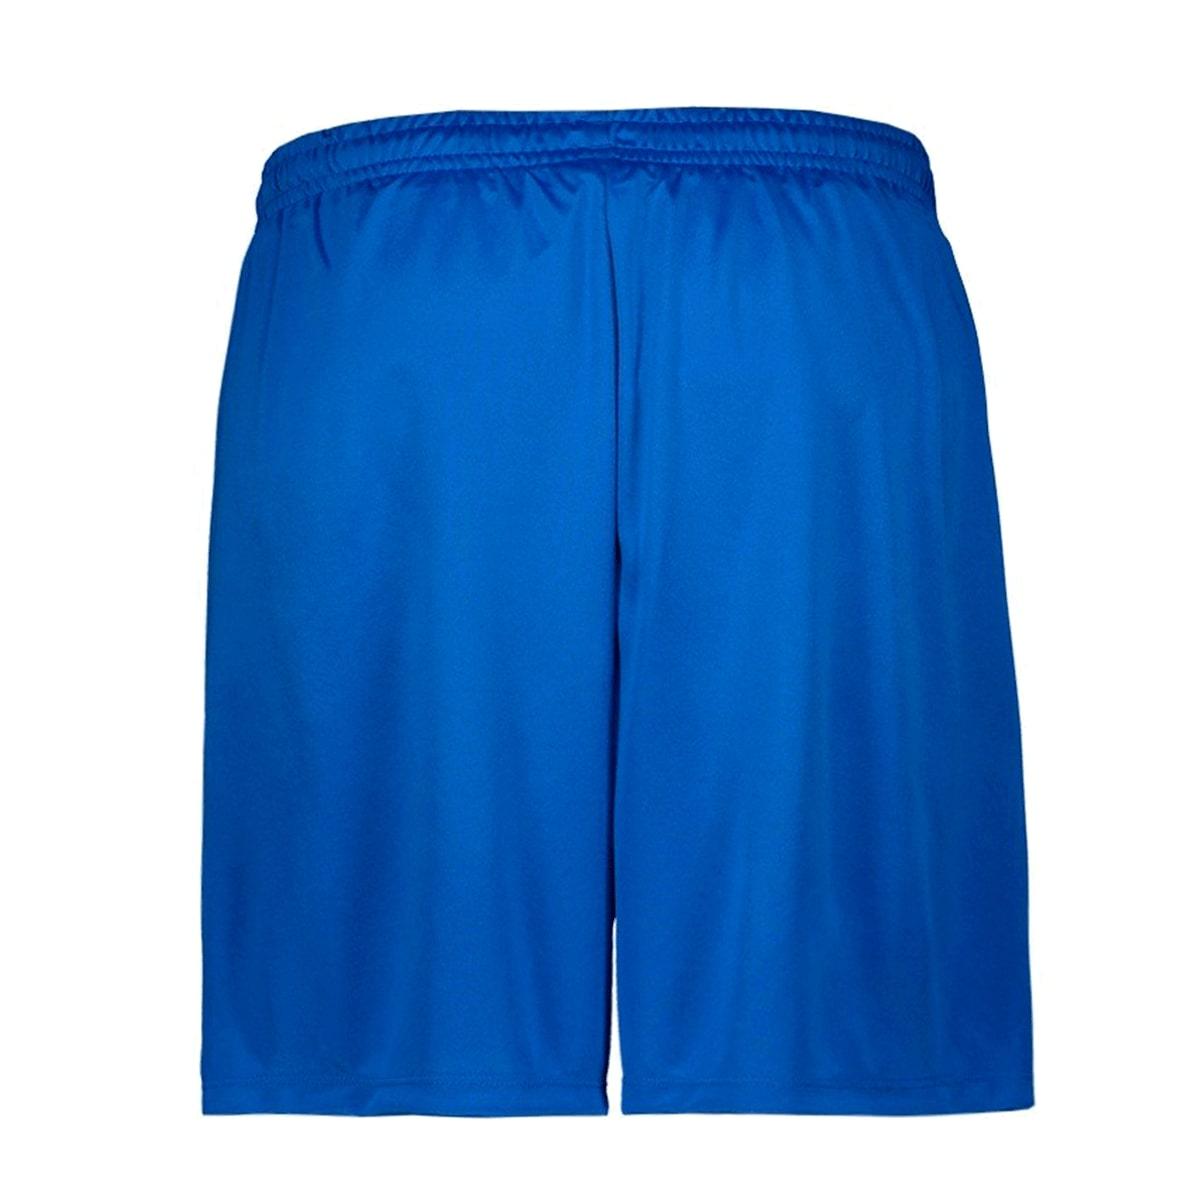 Calção Umbro TWR Aria Masculino Azul Royal